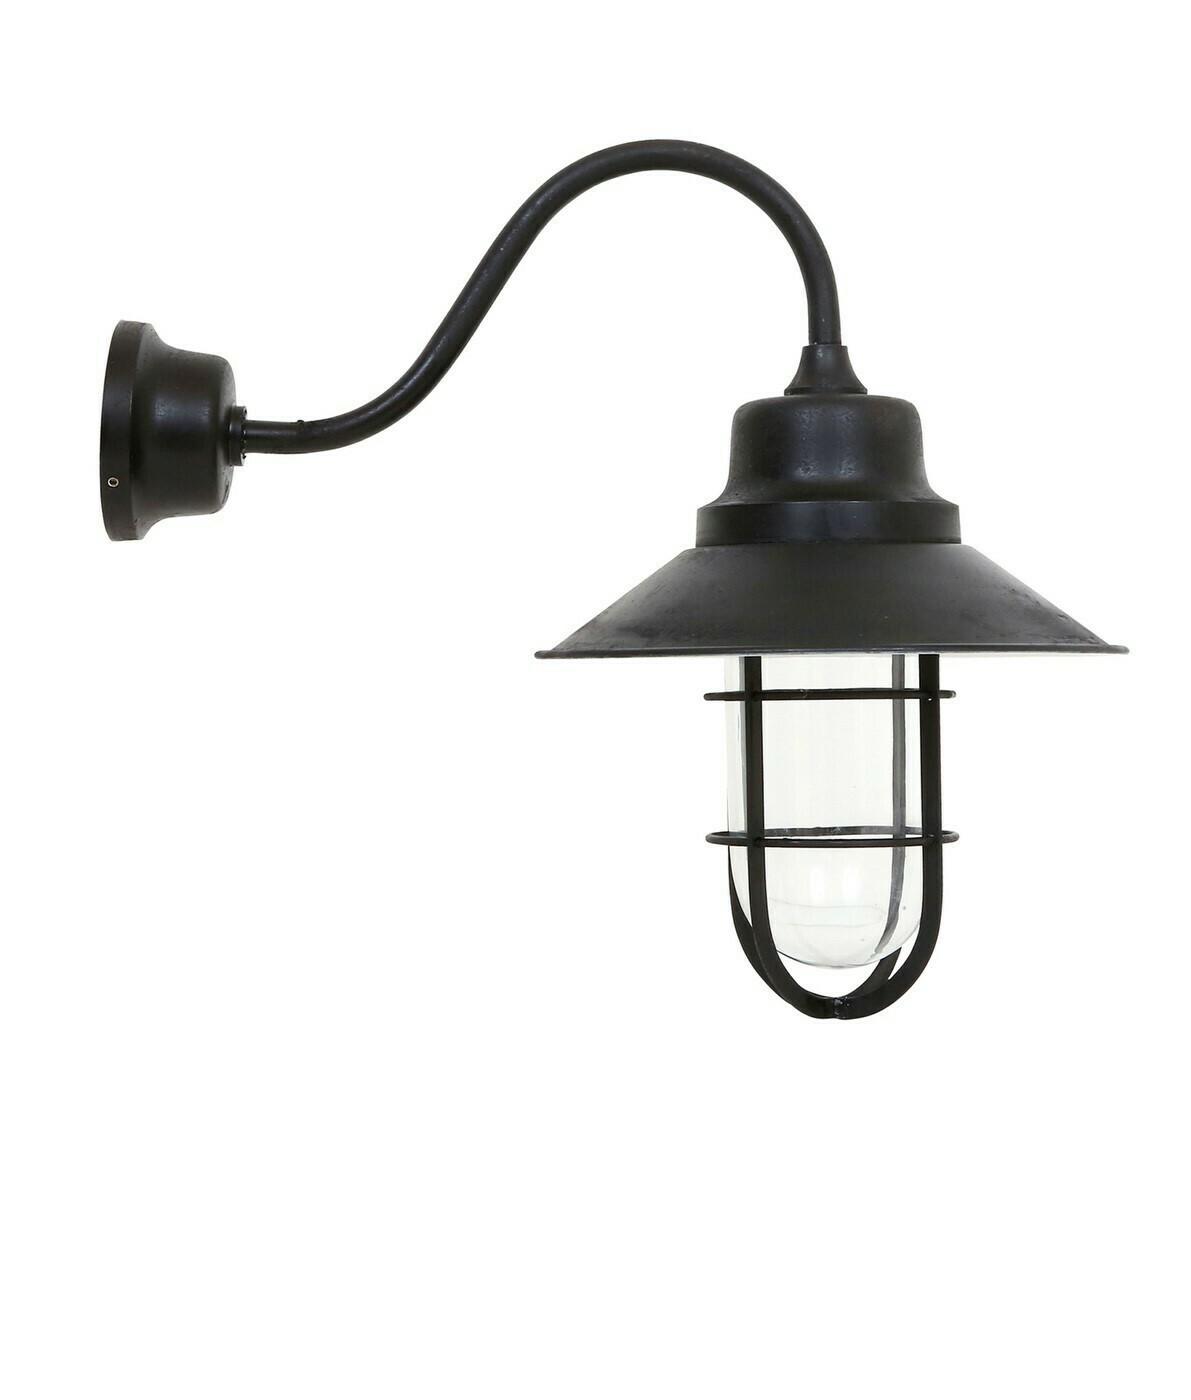 Vermont buitenlamp antiek zwart van BOT originals